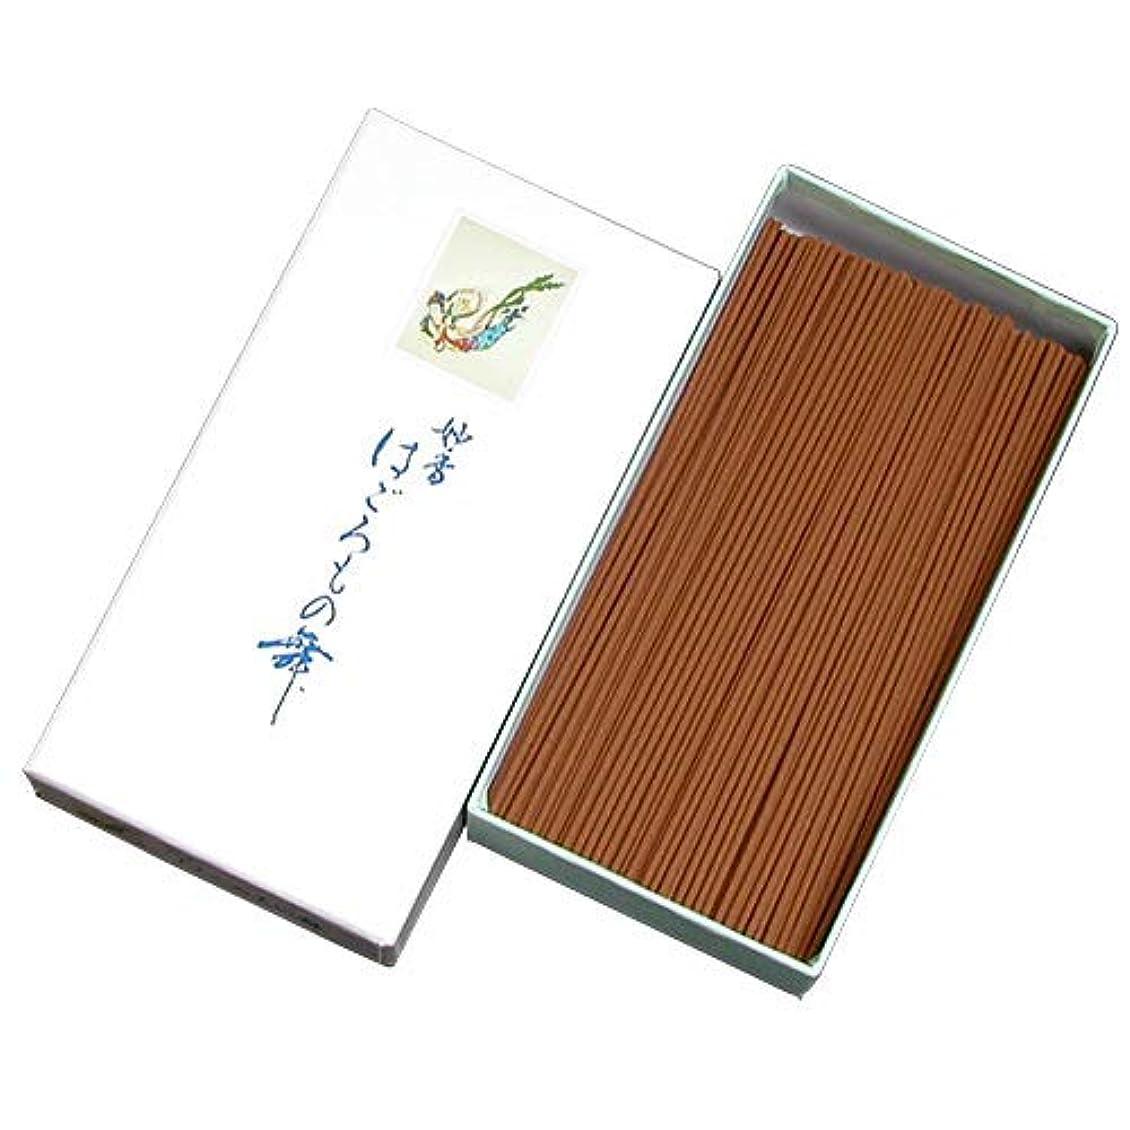 怠けたエトナ山たるみ家庭用線香 はごろもの舞(箱寸法16×8.5×3.5cm)◆一番人気の優しい香りのお線香(大発)